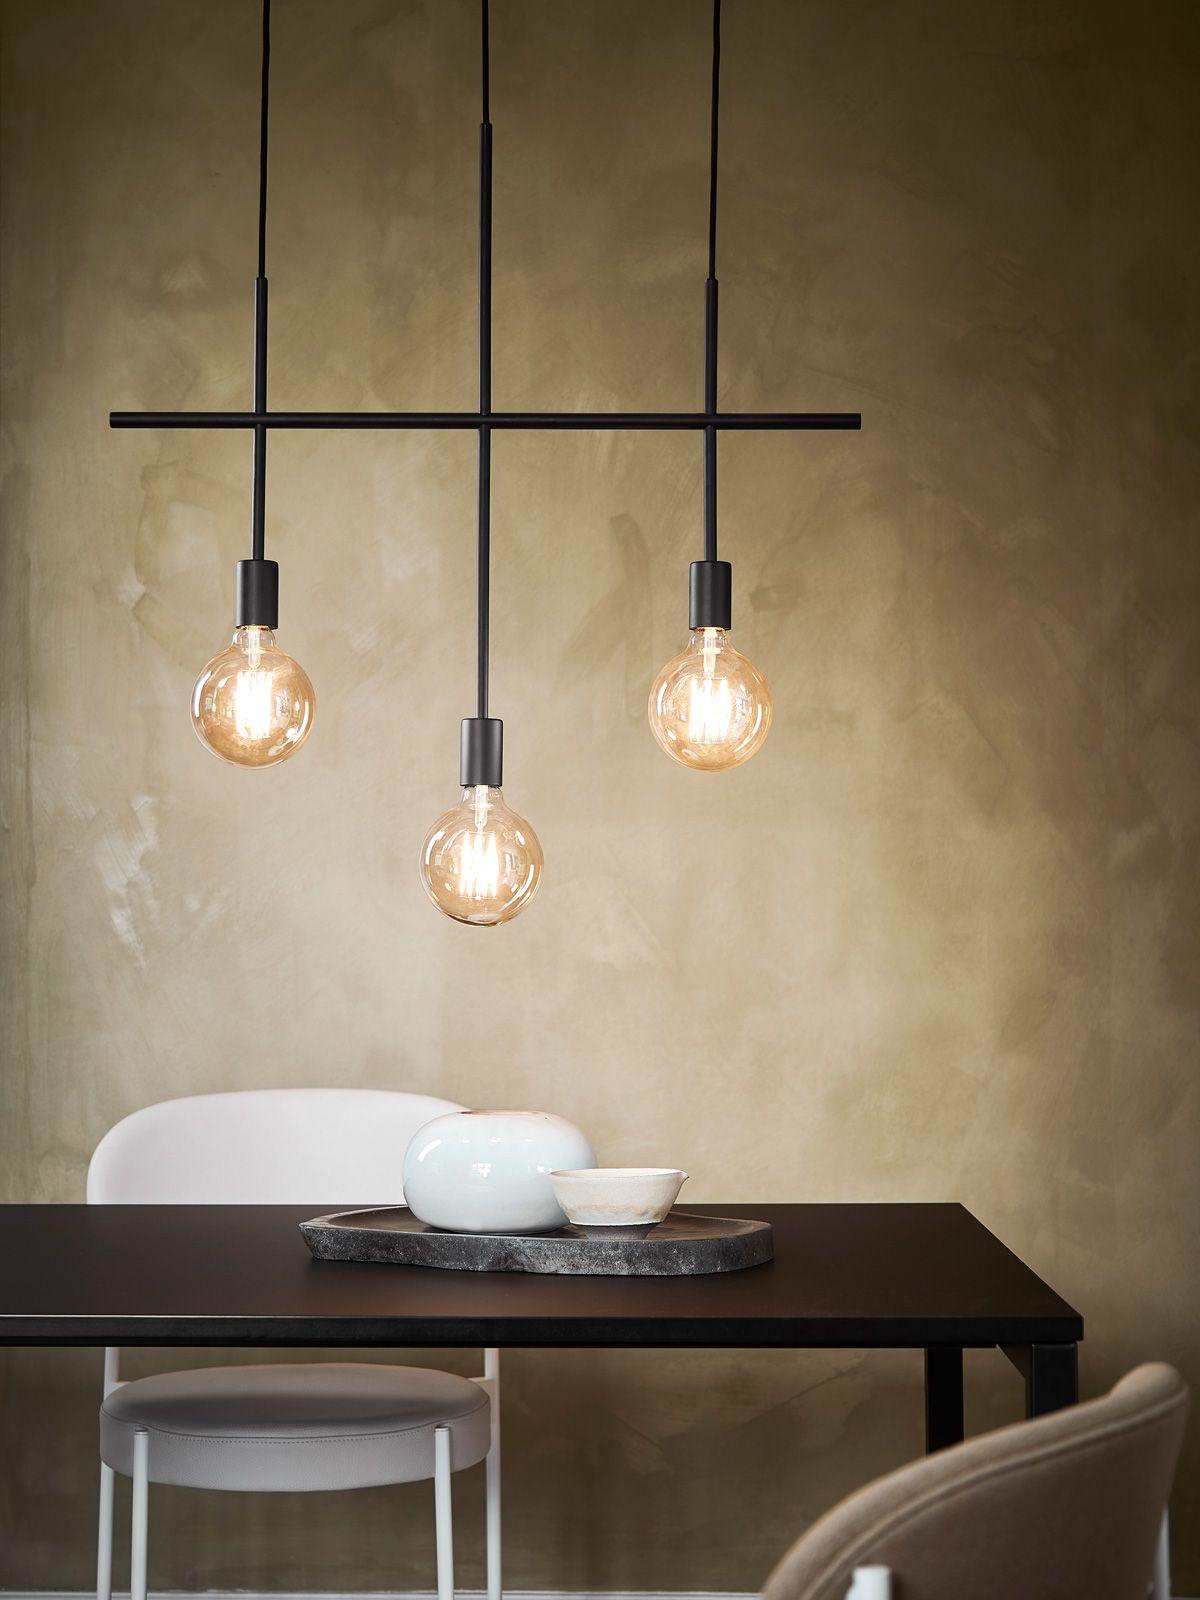 Neue Leuchten Fur Den Esstisch Designort Com In 2020 Kronleuchter Modern Hangelampe Esstisch Lampe Esstisch